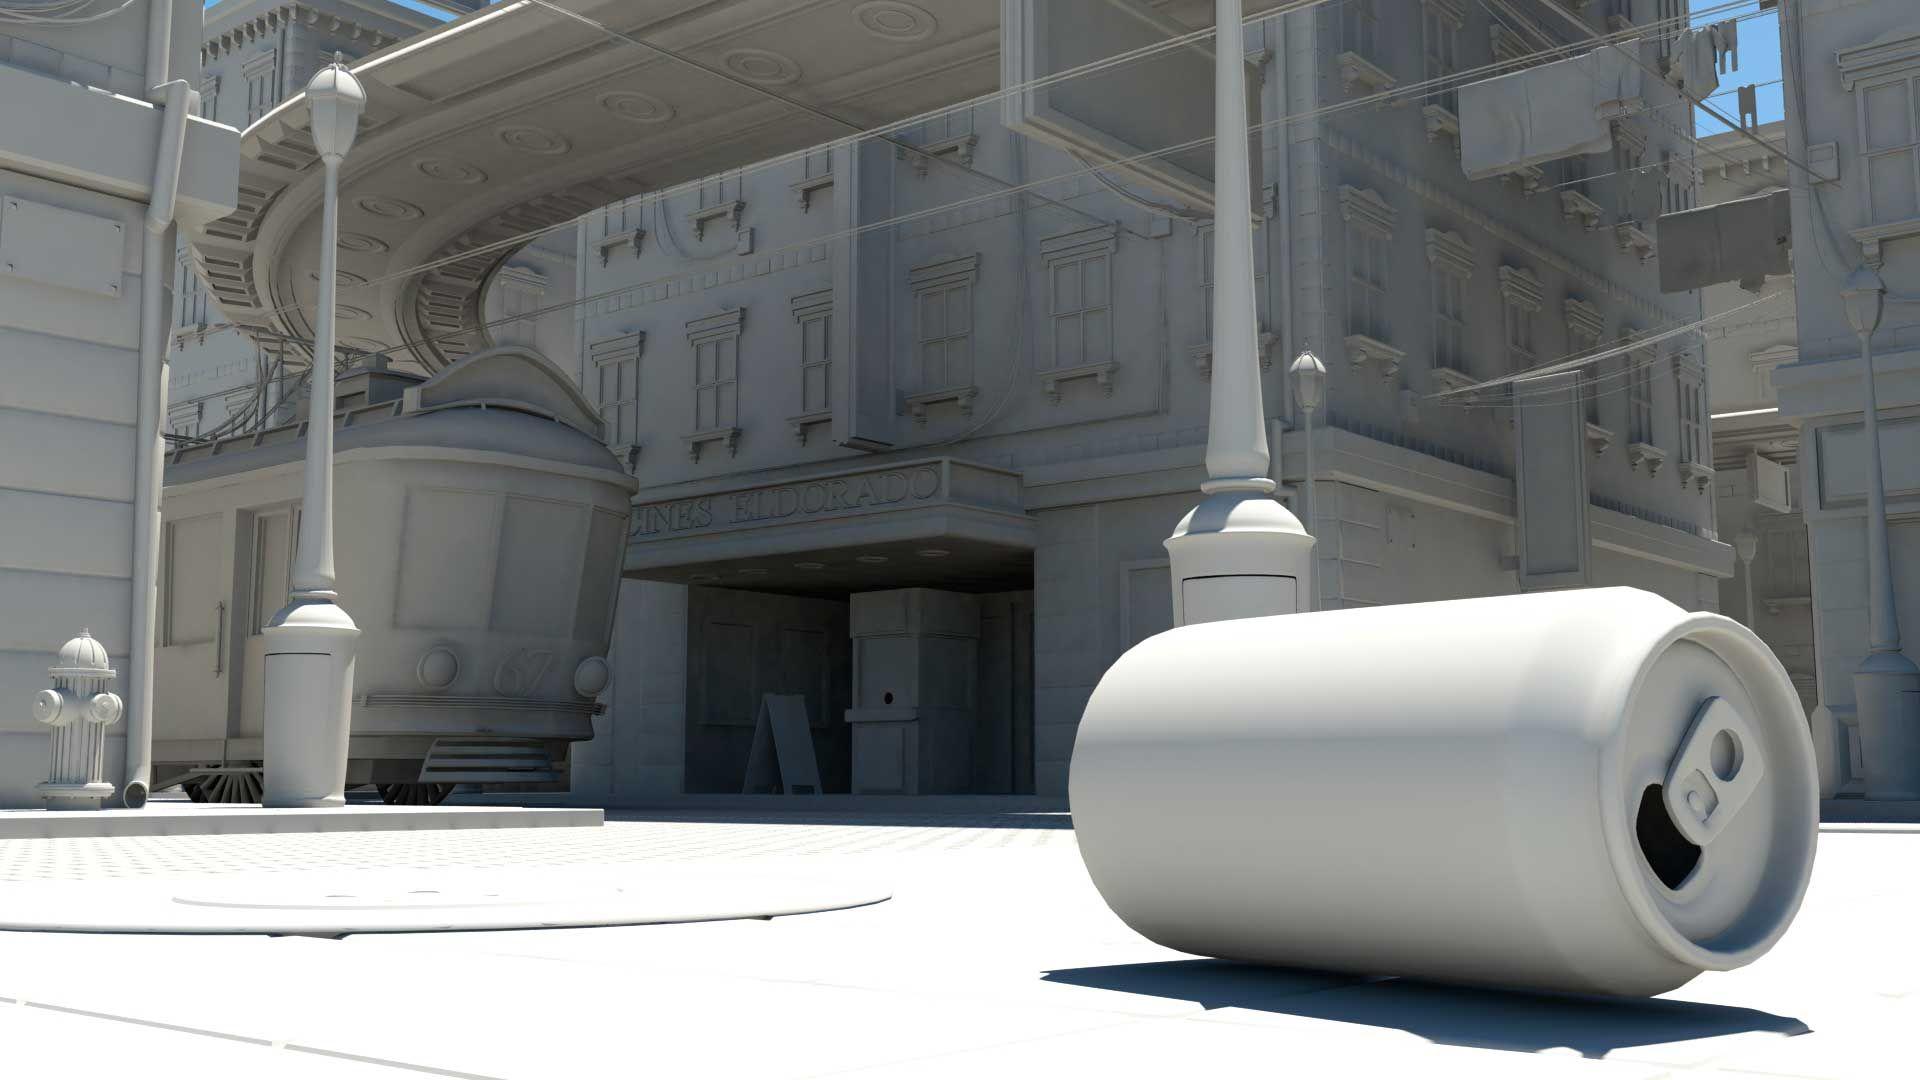 Modelados de Clara Martín, Daniel García, Eduardo Gilsanz, Gonzalo Montero y Francisco Laprea, alumnos del Máster en 3D con Maya. Para más información, clica en la imagen